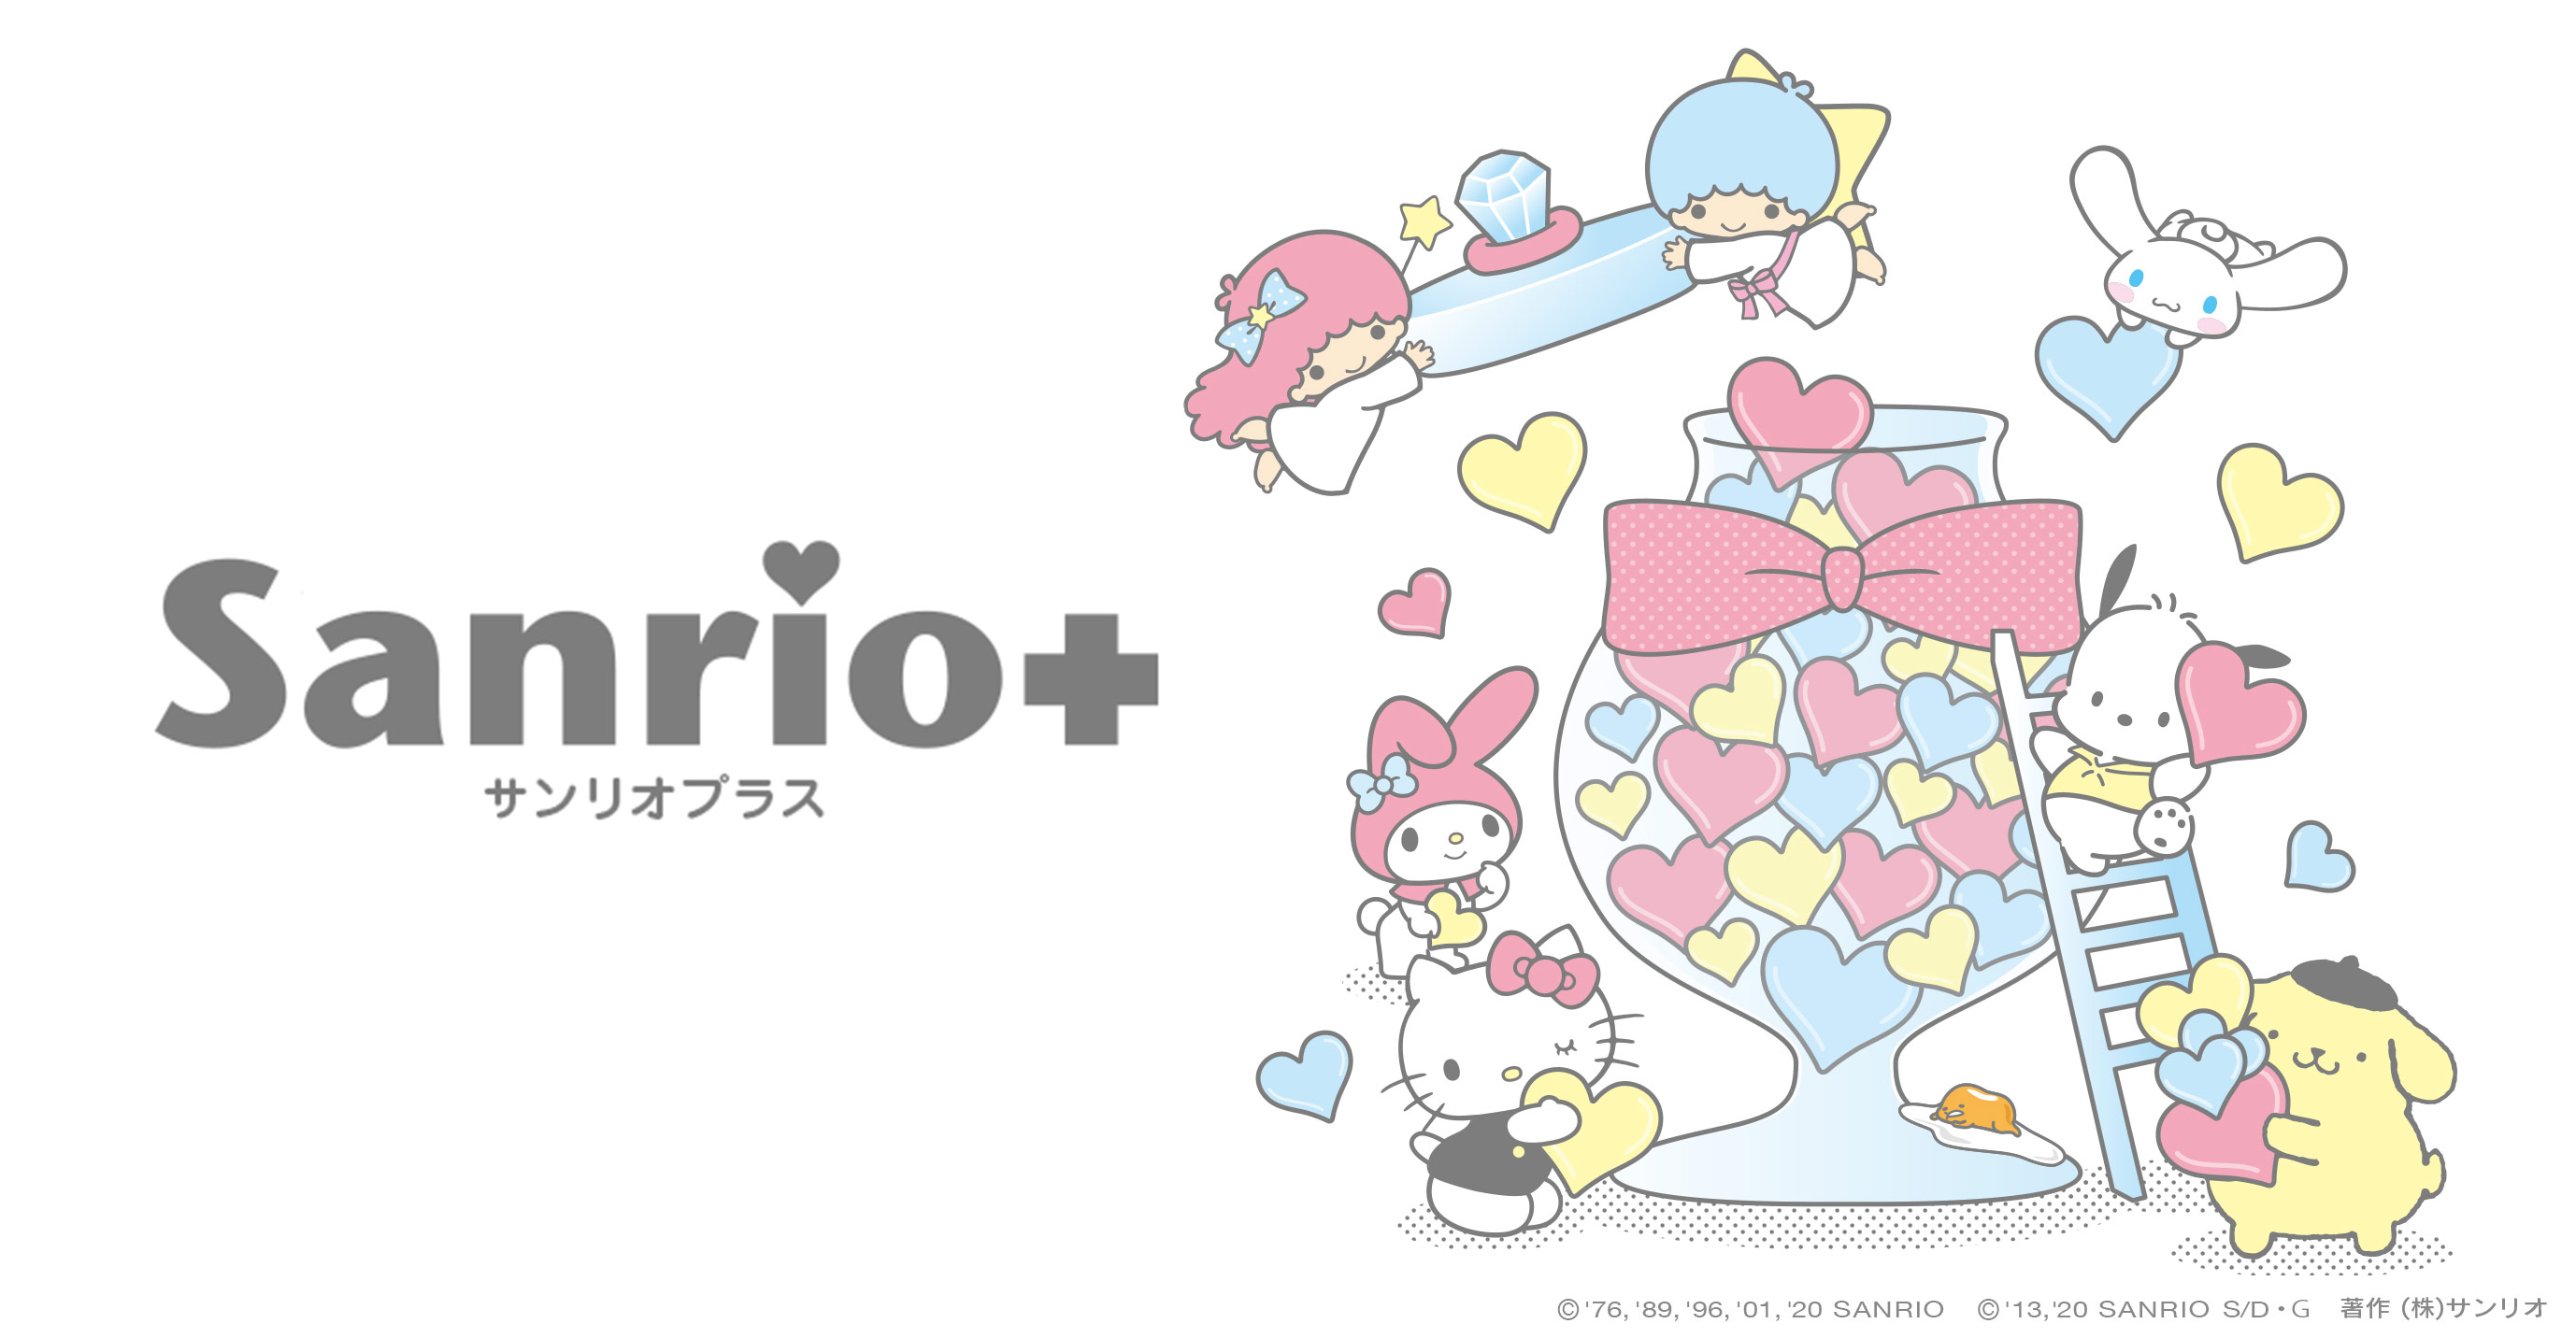 """""""スマイル""""をためてプラスアルファのサンリオを楽しめるスマホアプリ「Sanrio+(サンリオプラス)」を7月10日(金)より配信開始"""